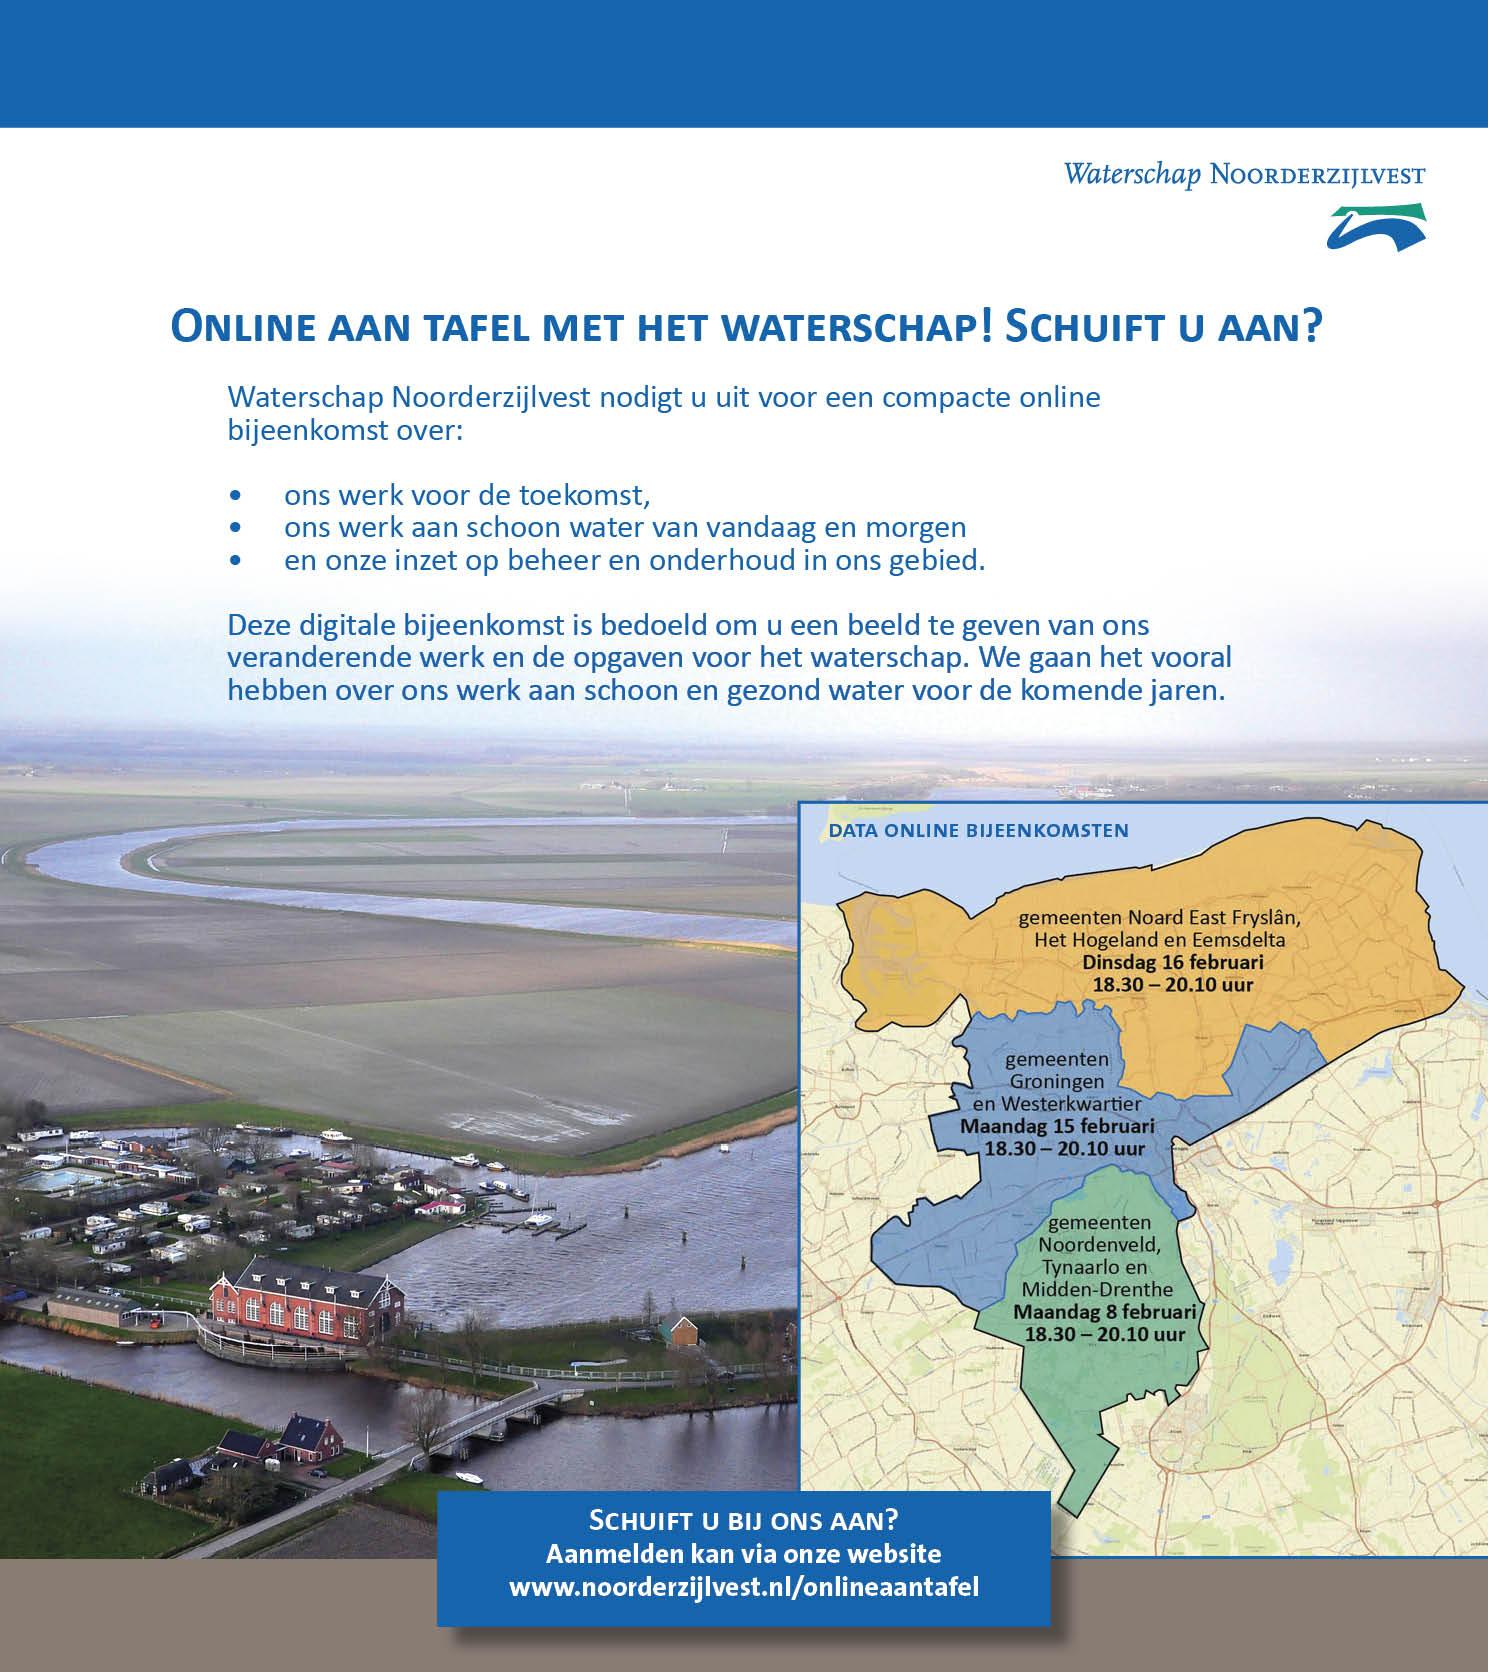 de afbeelding geeft weer waar de online sessie over gaat. 1. ons werk voor de toekomst. 2. ons werk aan schoon water. 3. onze inzet op beheer en onderhoud in en om het gebied.